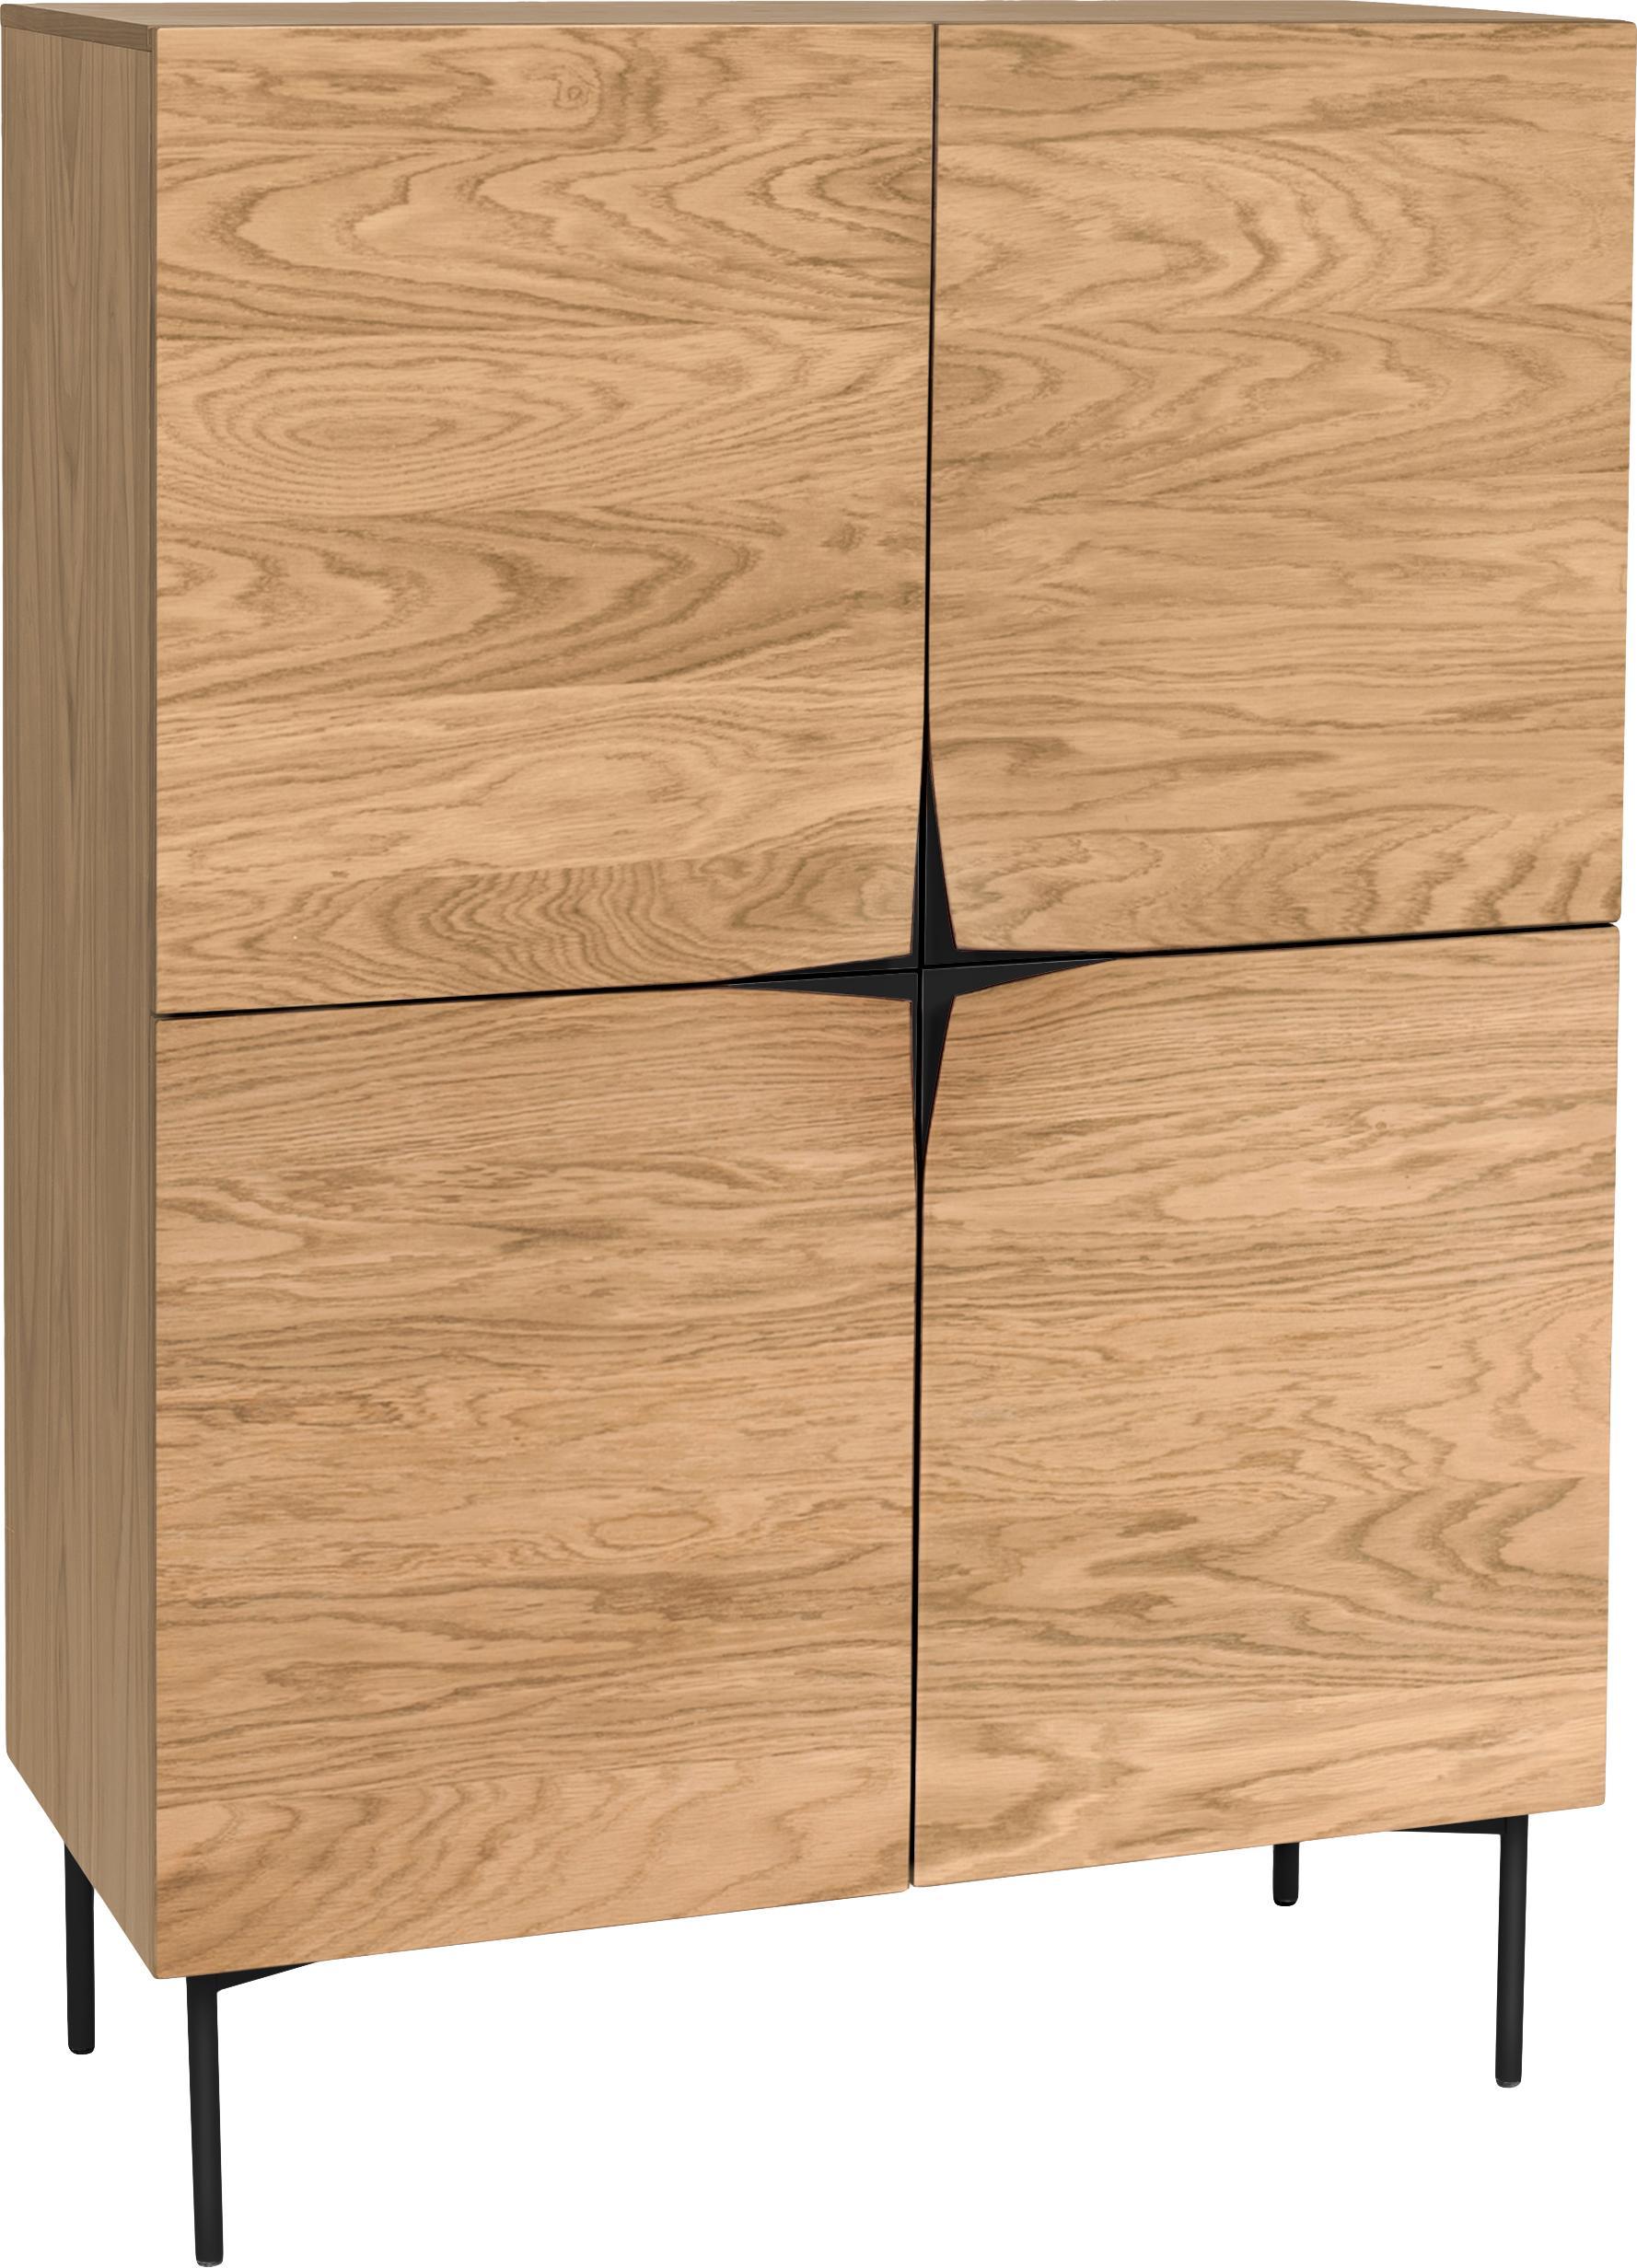 Wysoka komoda Filip, Korpus: sklejka z fornir z drewna, Nogi: metal malowany proszkowo, Drewno dębowe, czarny, S 100 x W 140 cm